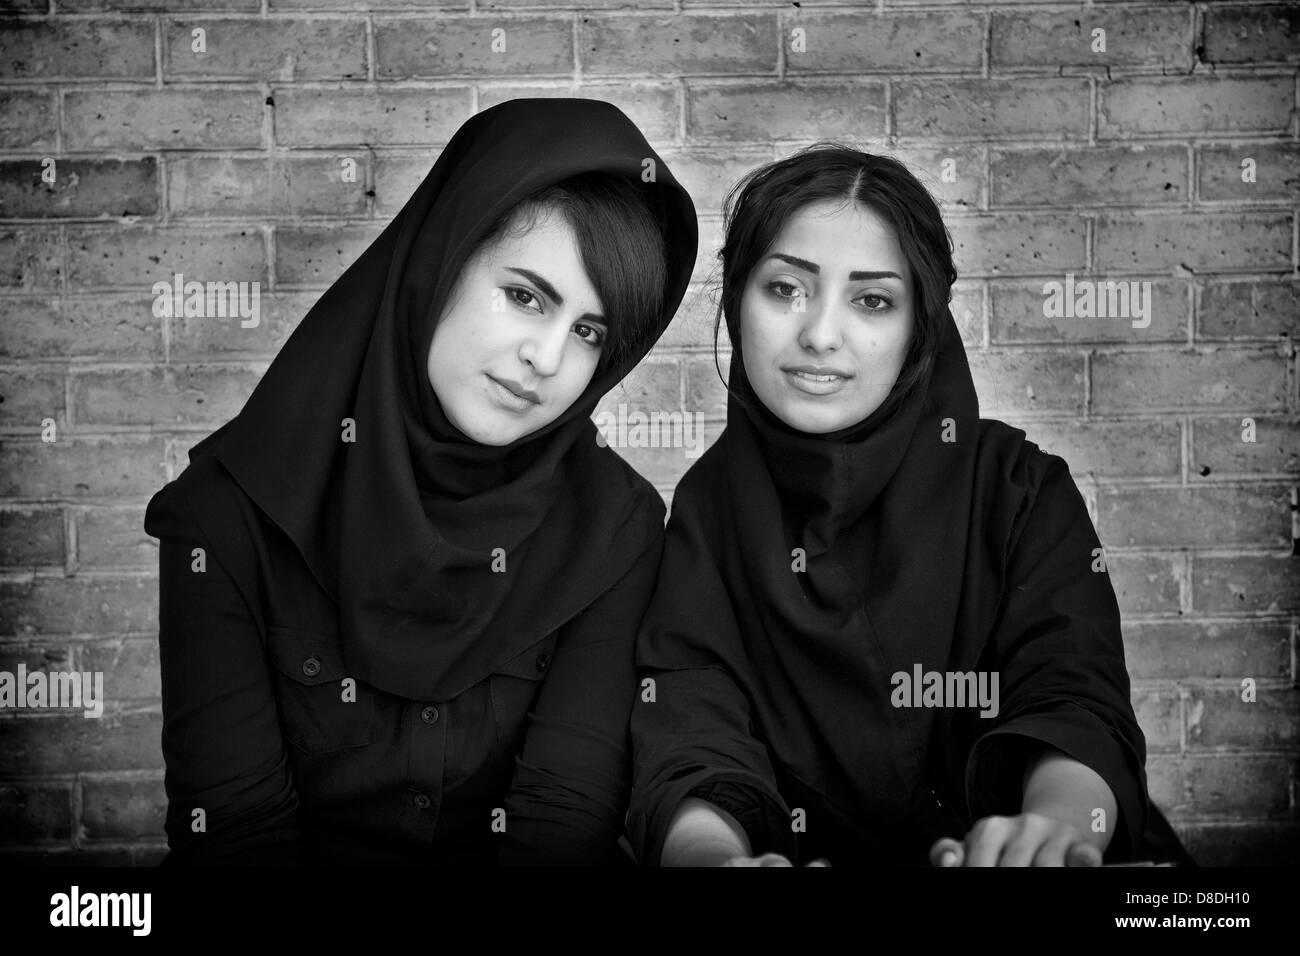 Shiraz women